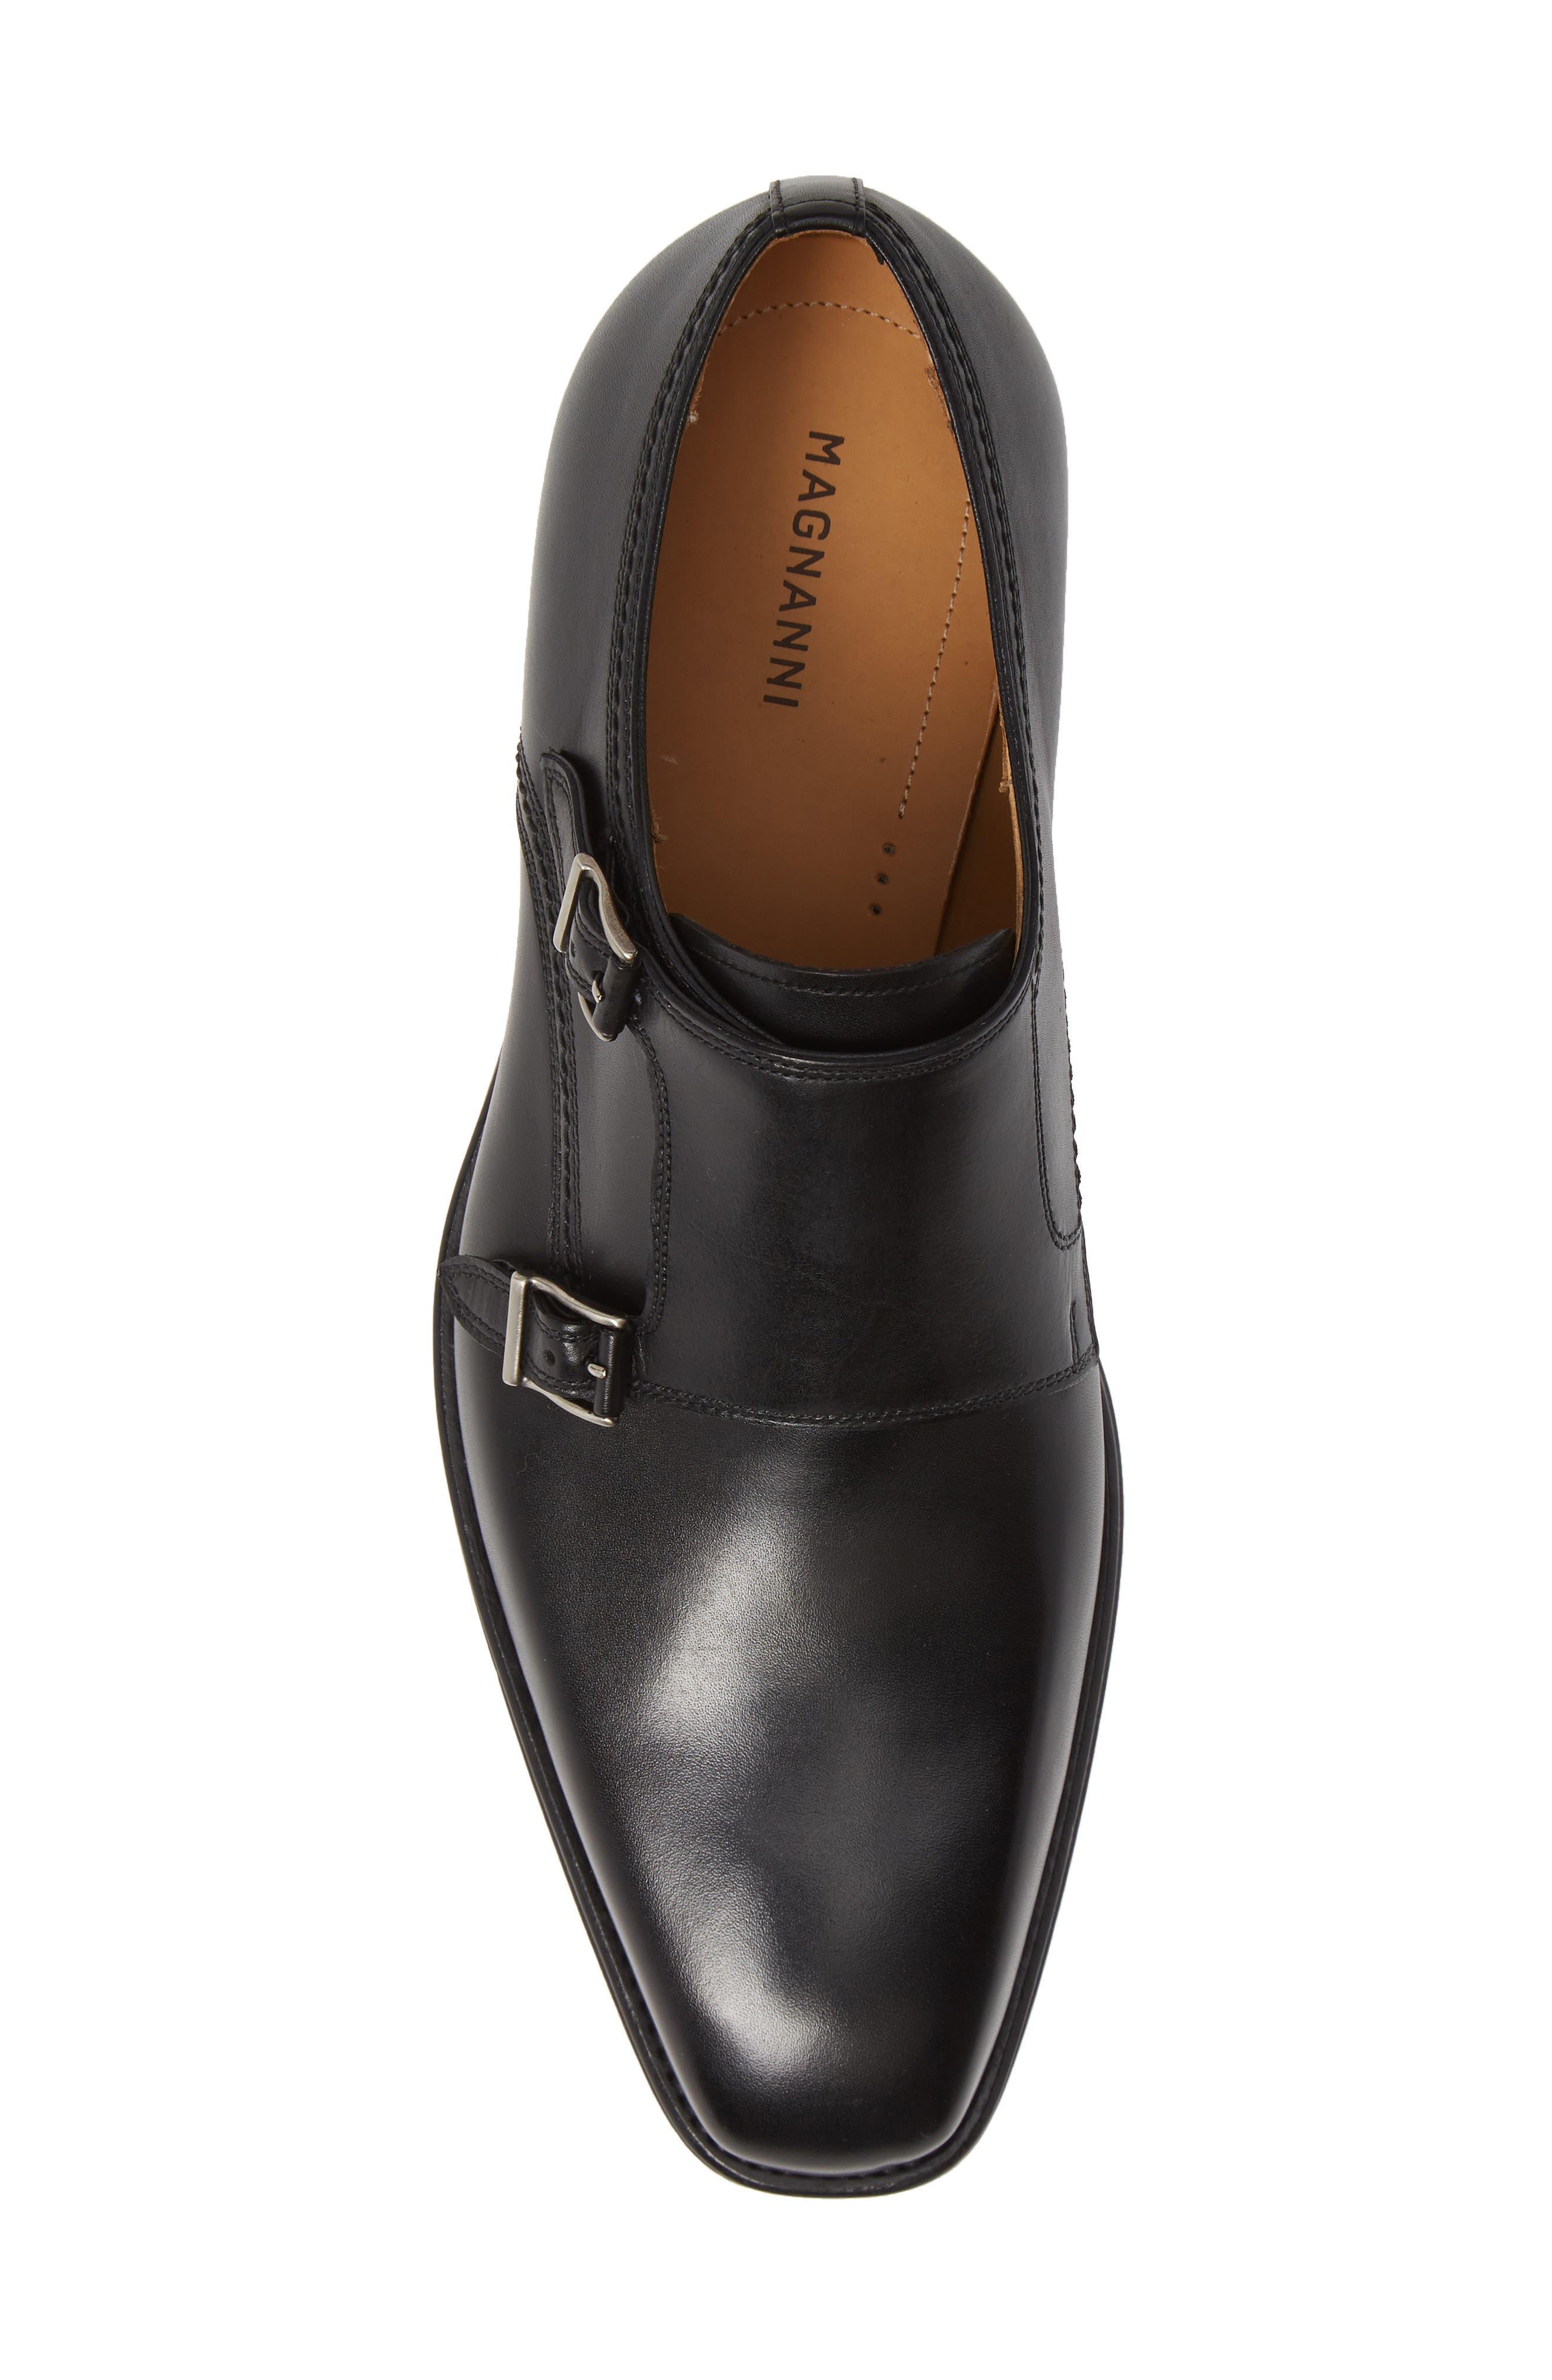 Landon Double Strap Monk Shoe,                             Alternate thumbnail 5, color,                             BLACK LEATHER